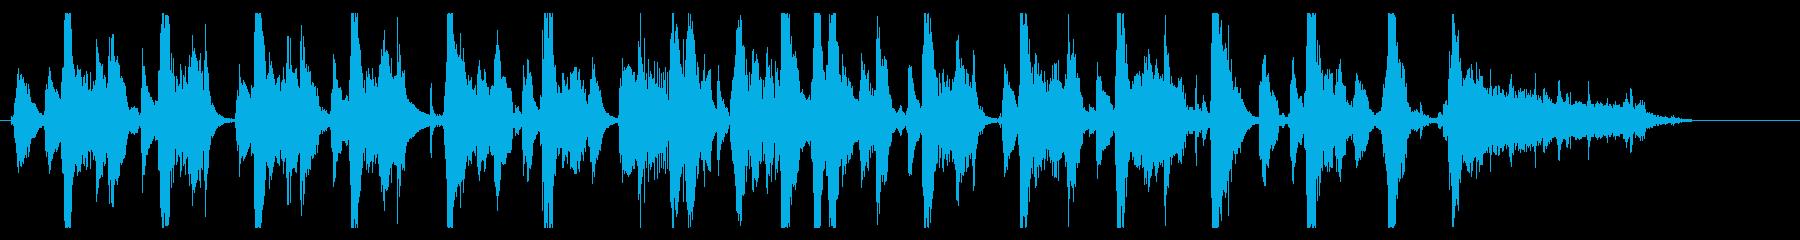 女の子の声の入った20秒かわいい曲の再生済みの波形